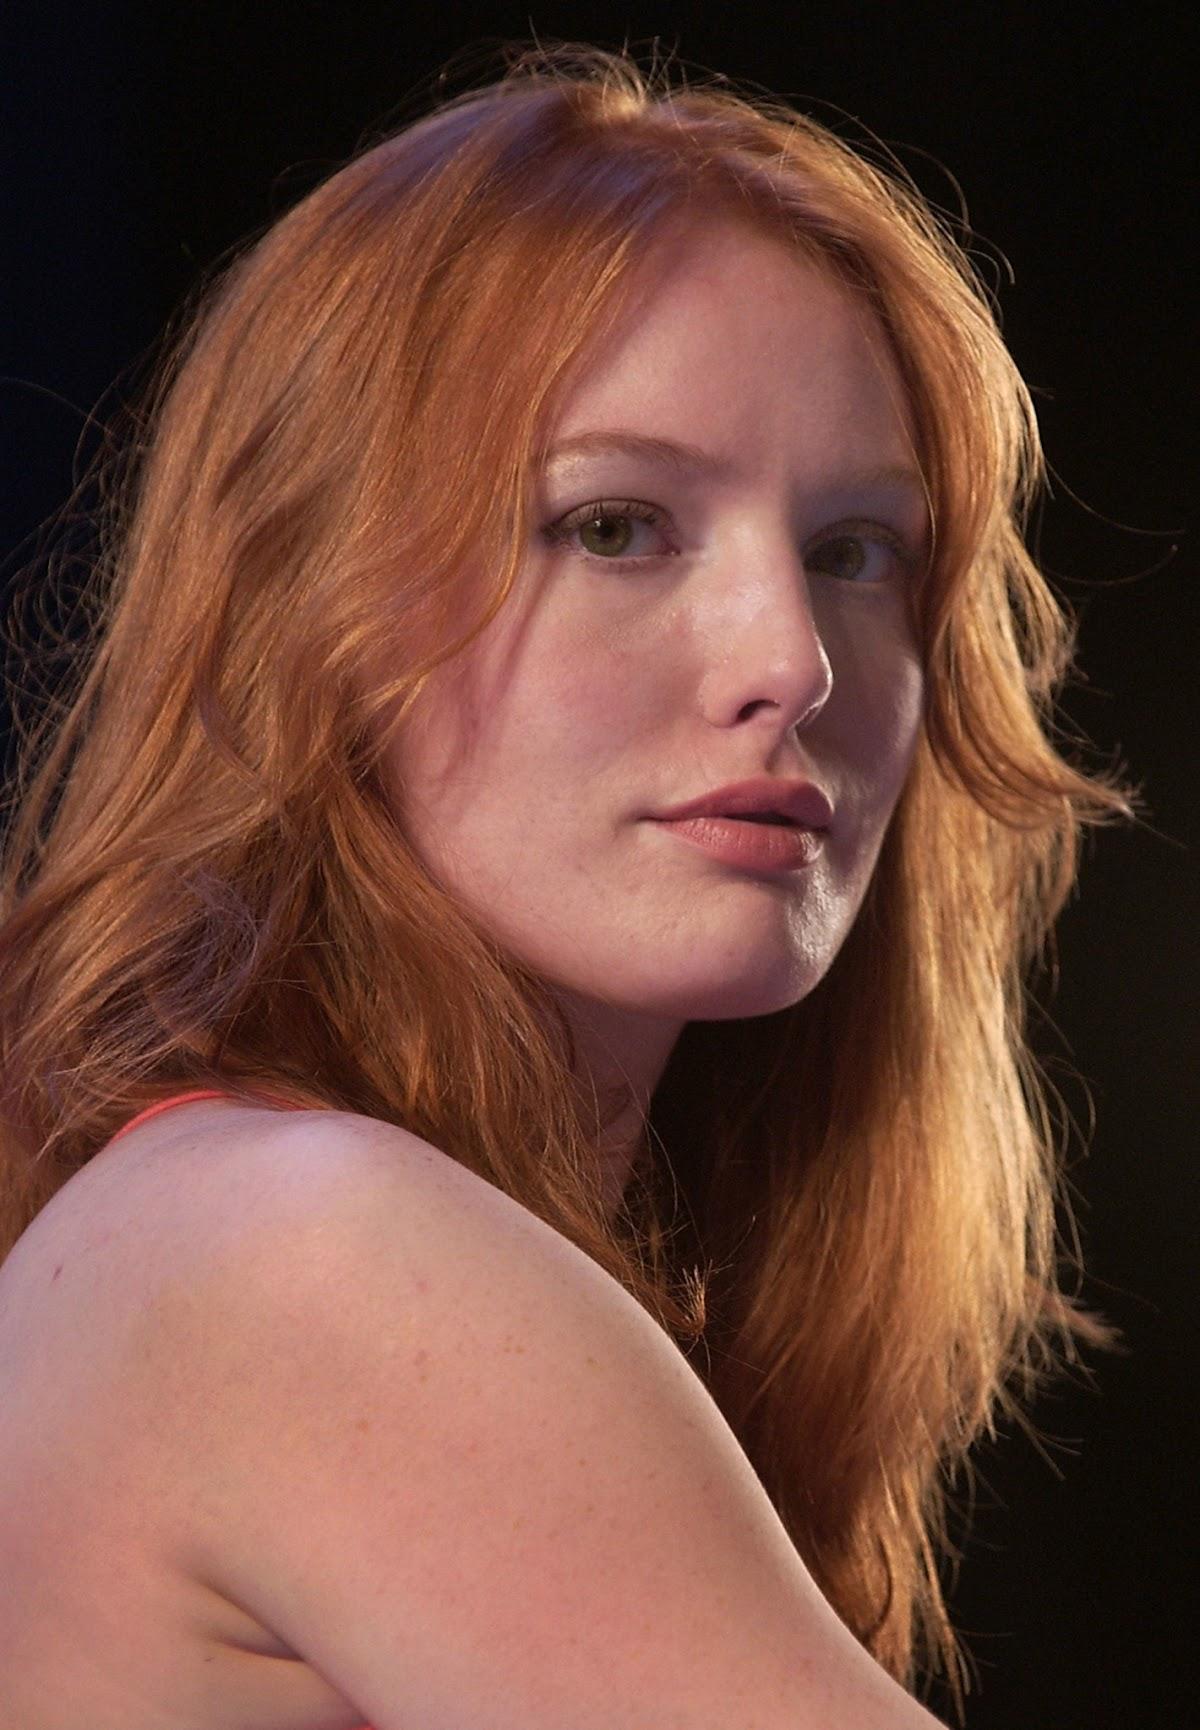 http://1.bp.blogspot.com/-BQ-7_7TCcyQ/UT1hqOCjkrI/AAAAAAAAPT0/fagu8JMsneA/s1730/Alicia+Witt+11.jpg